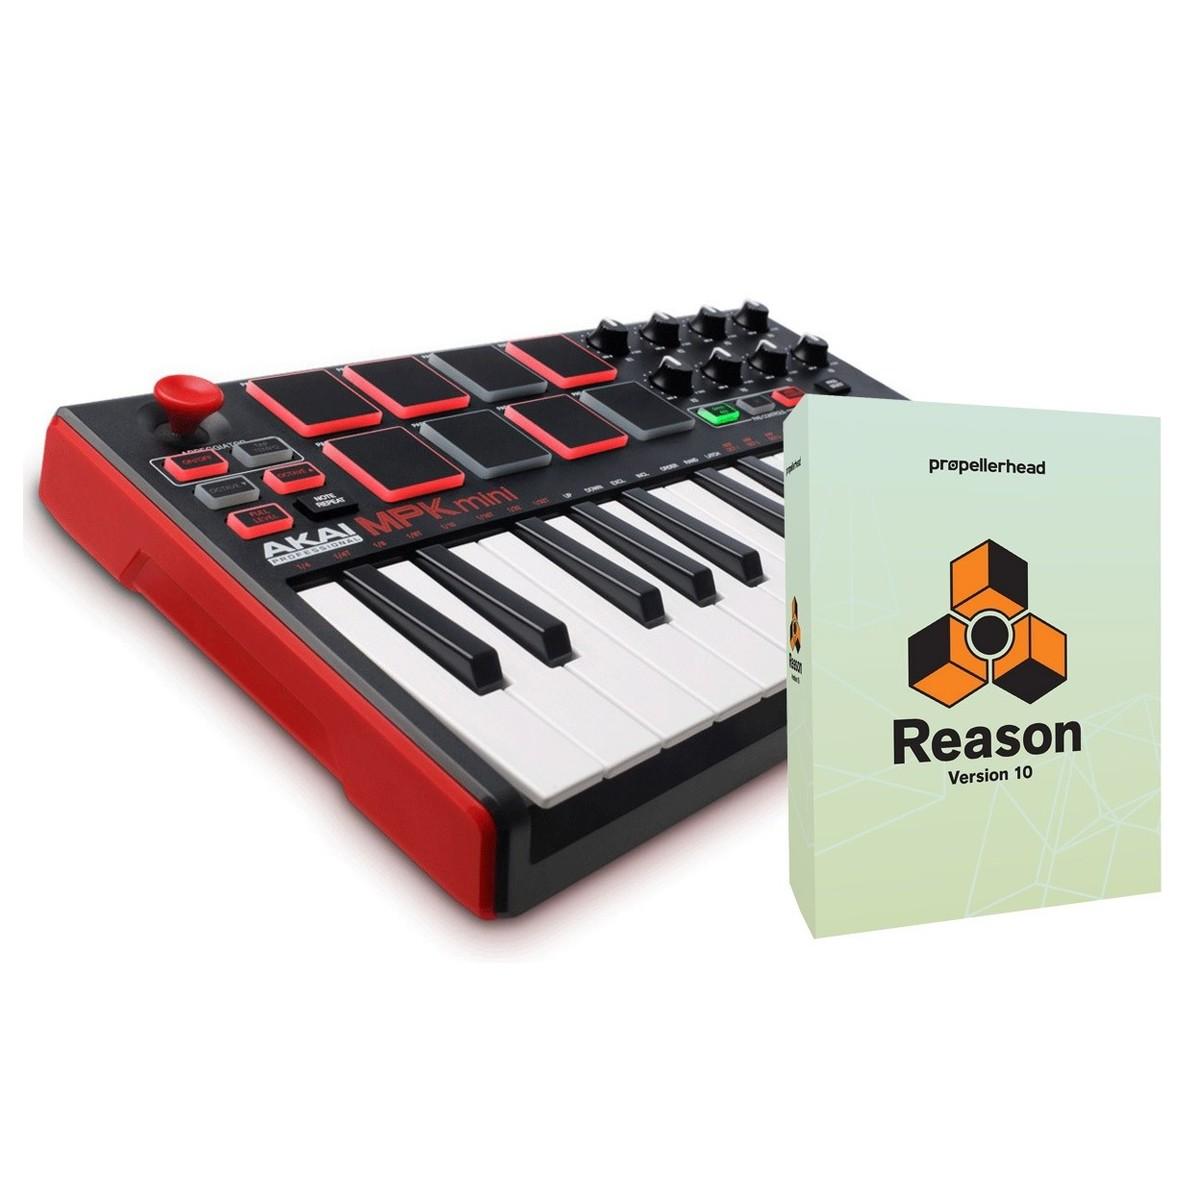 Akai MPK Mini 2 MIDI Keyboard with Reason 10 Upgrade